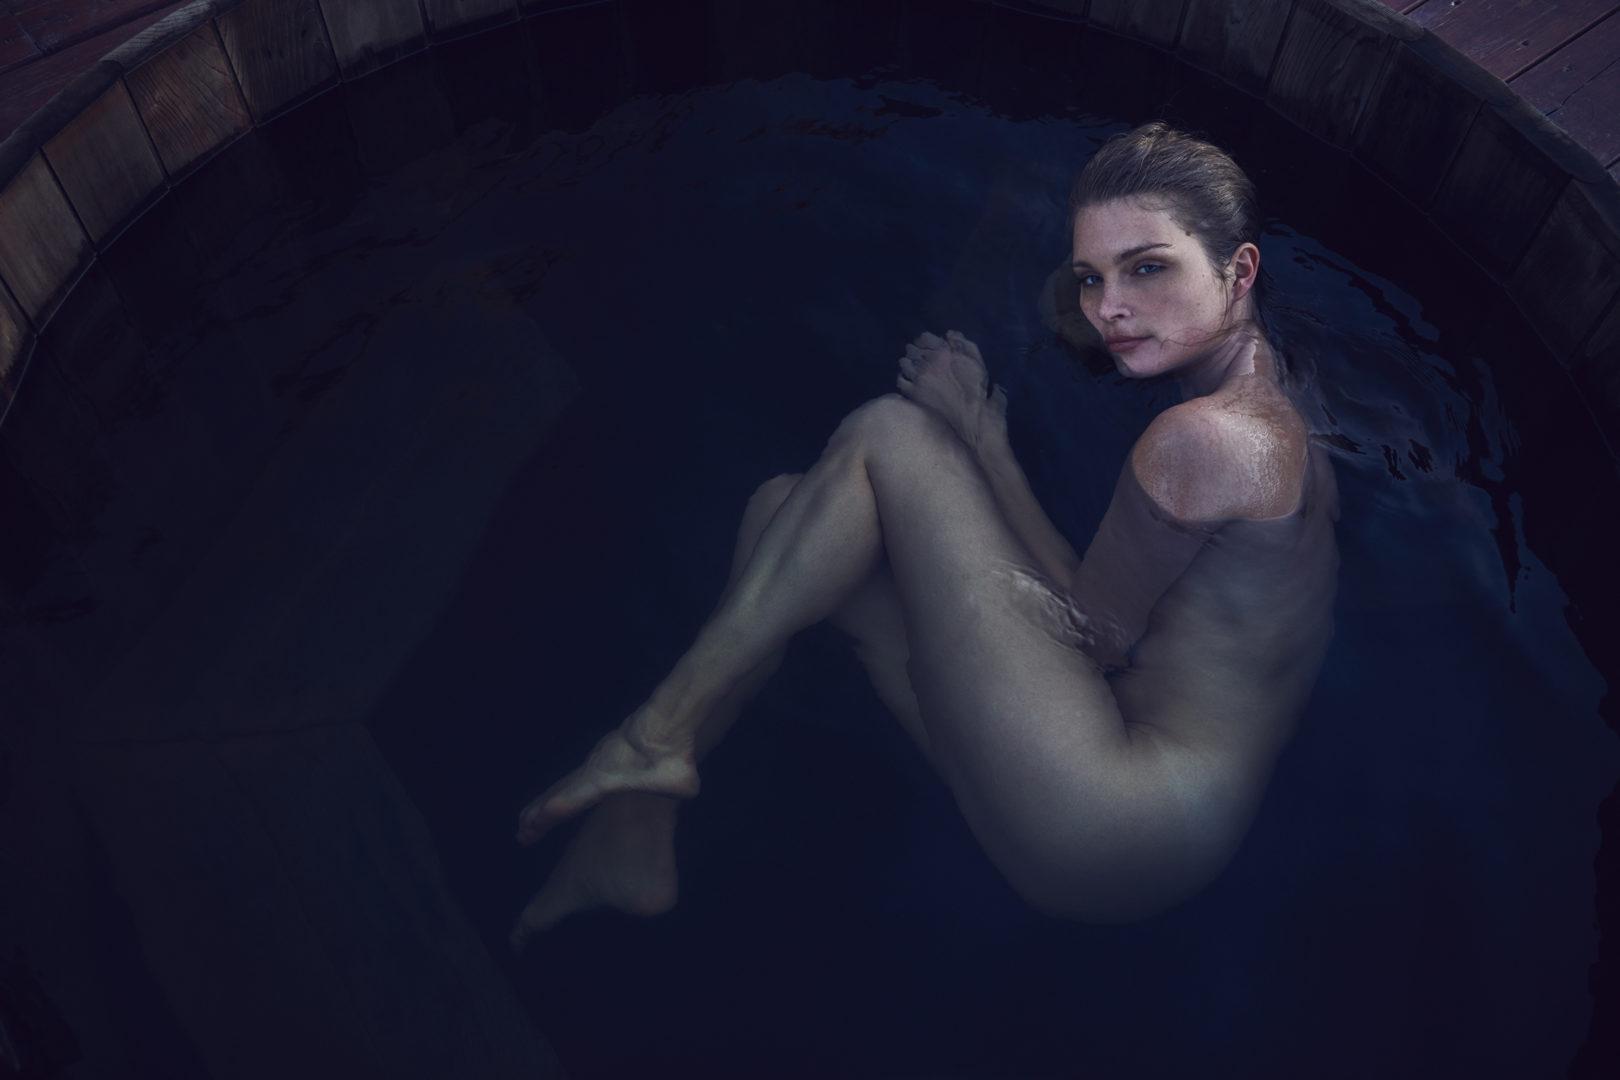 girl taking bath